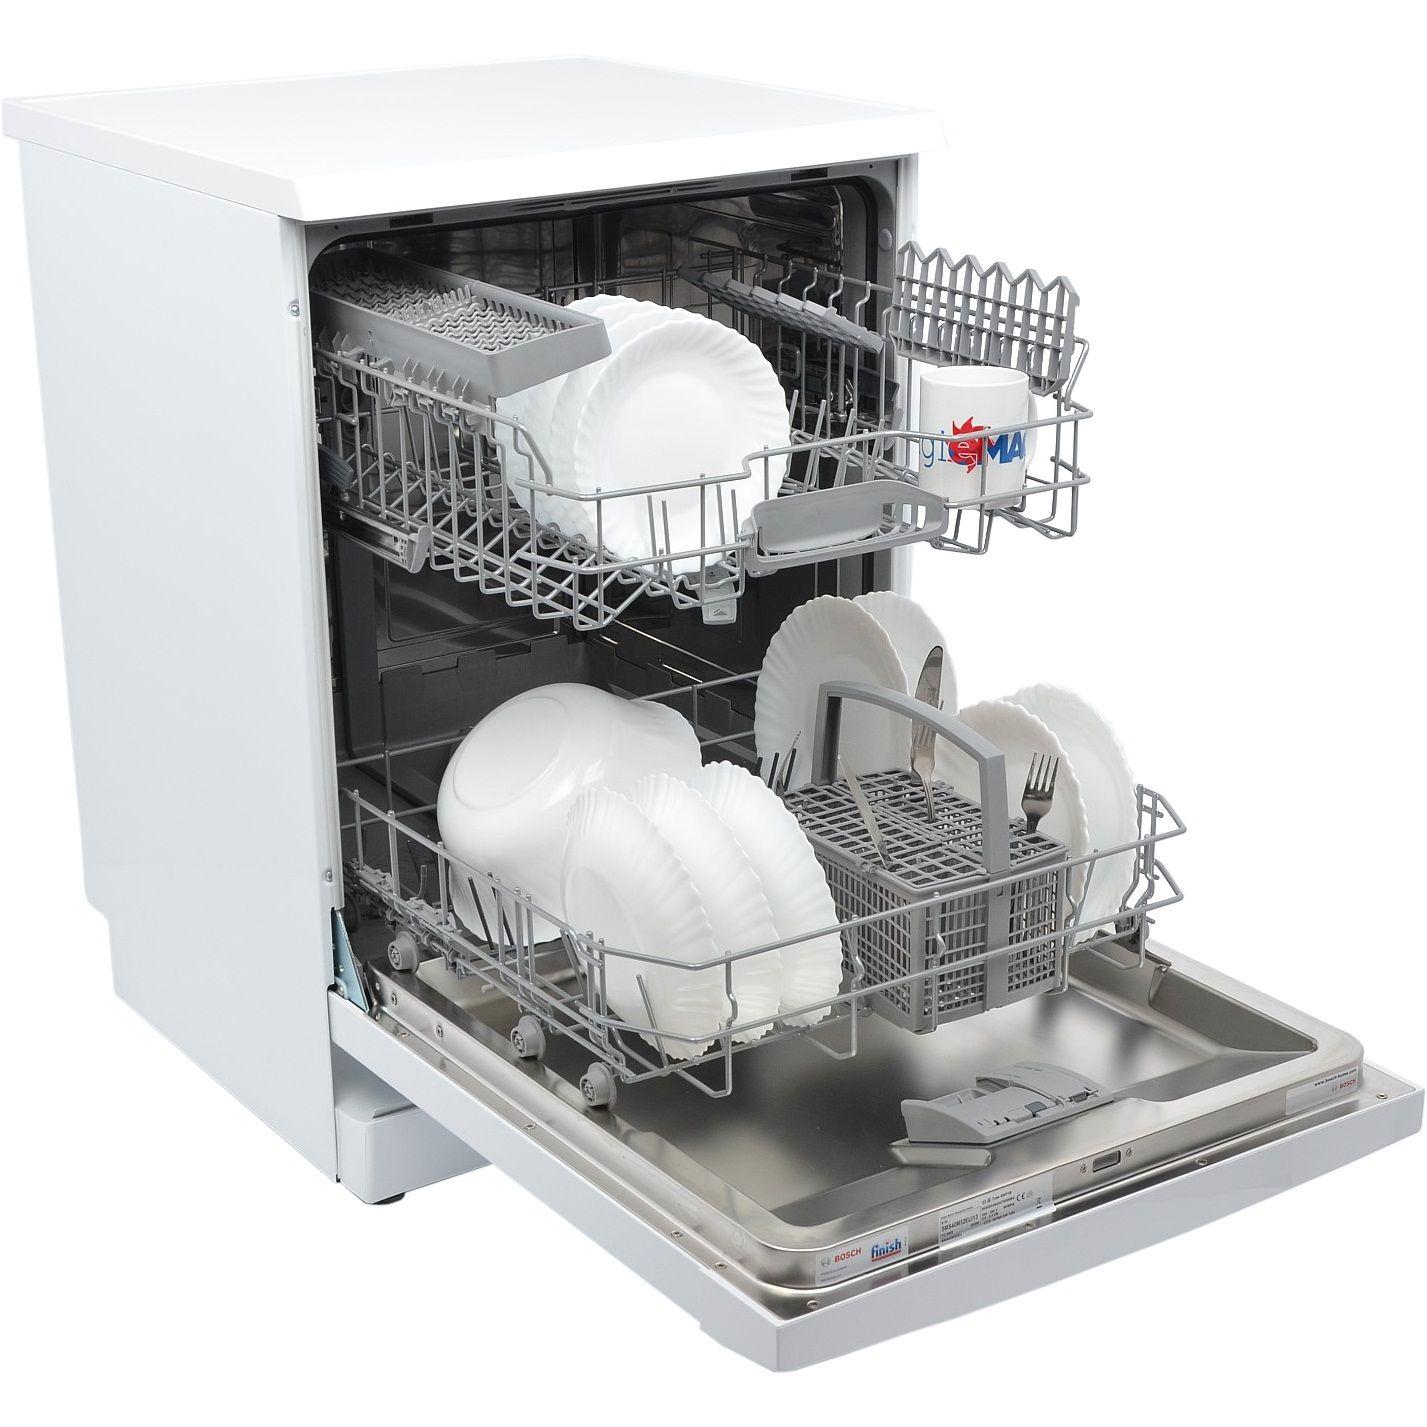 Cele mai bune oferte la mașini de spălat vase de la eMAG (emag.ro)